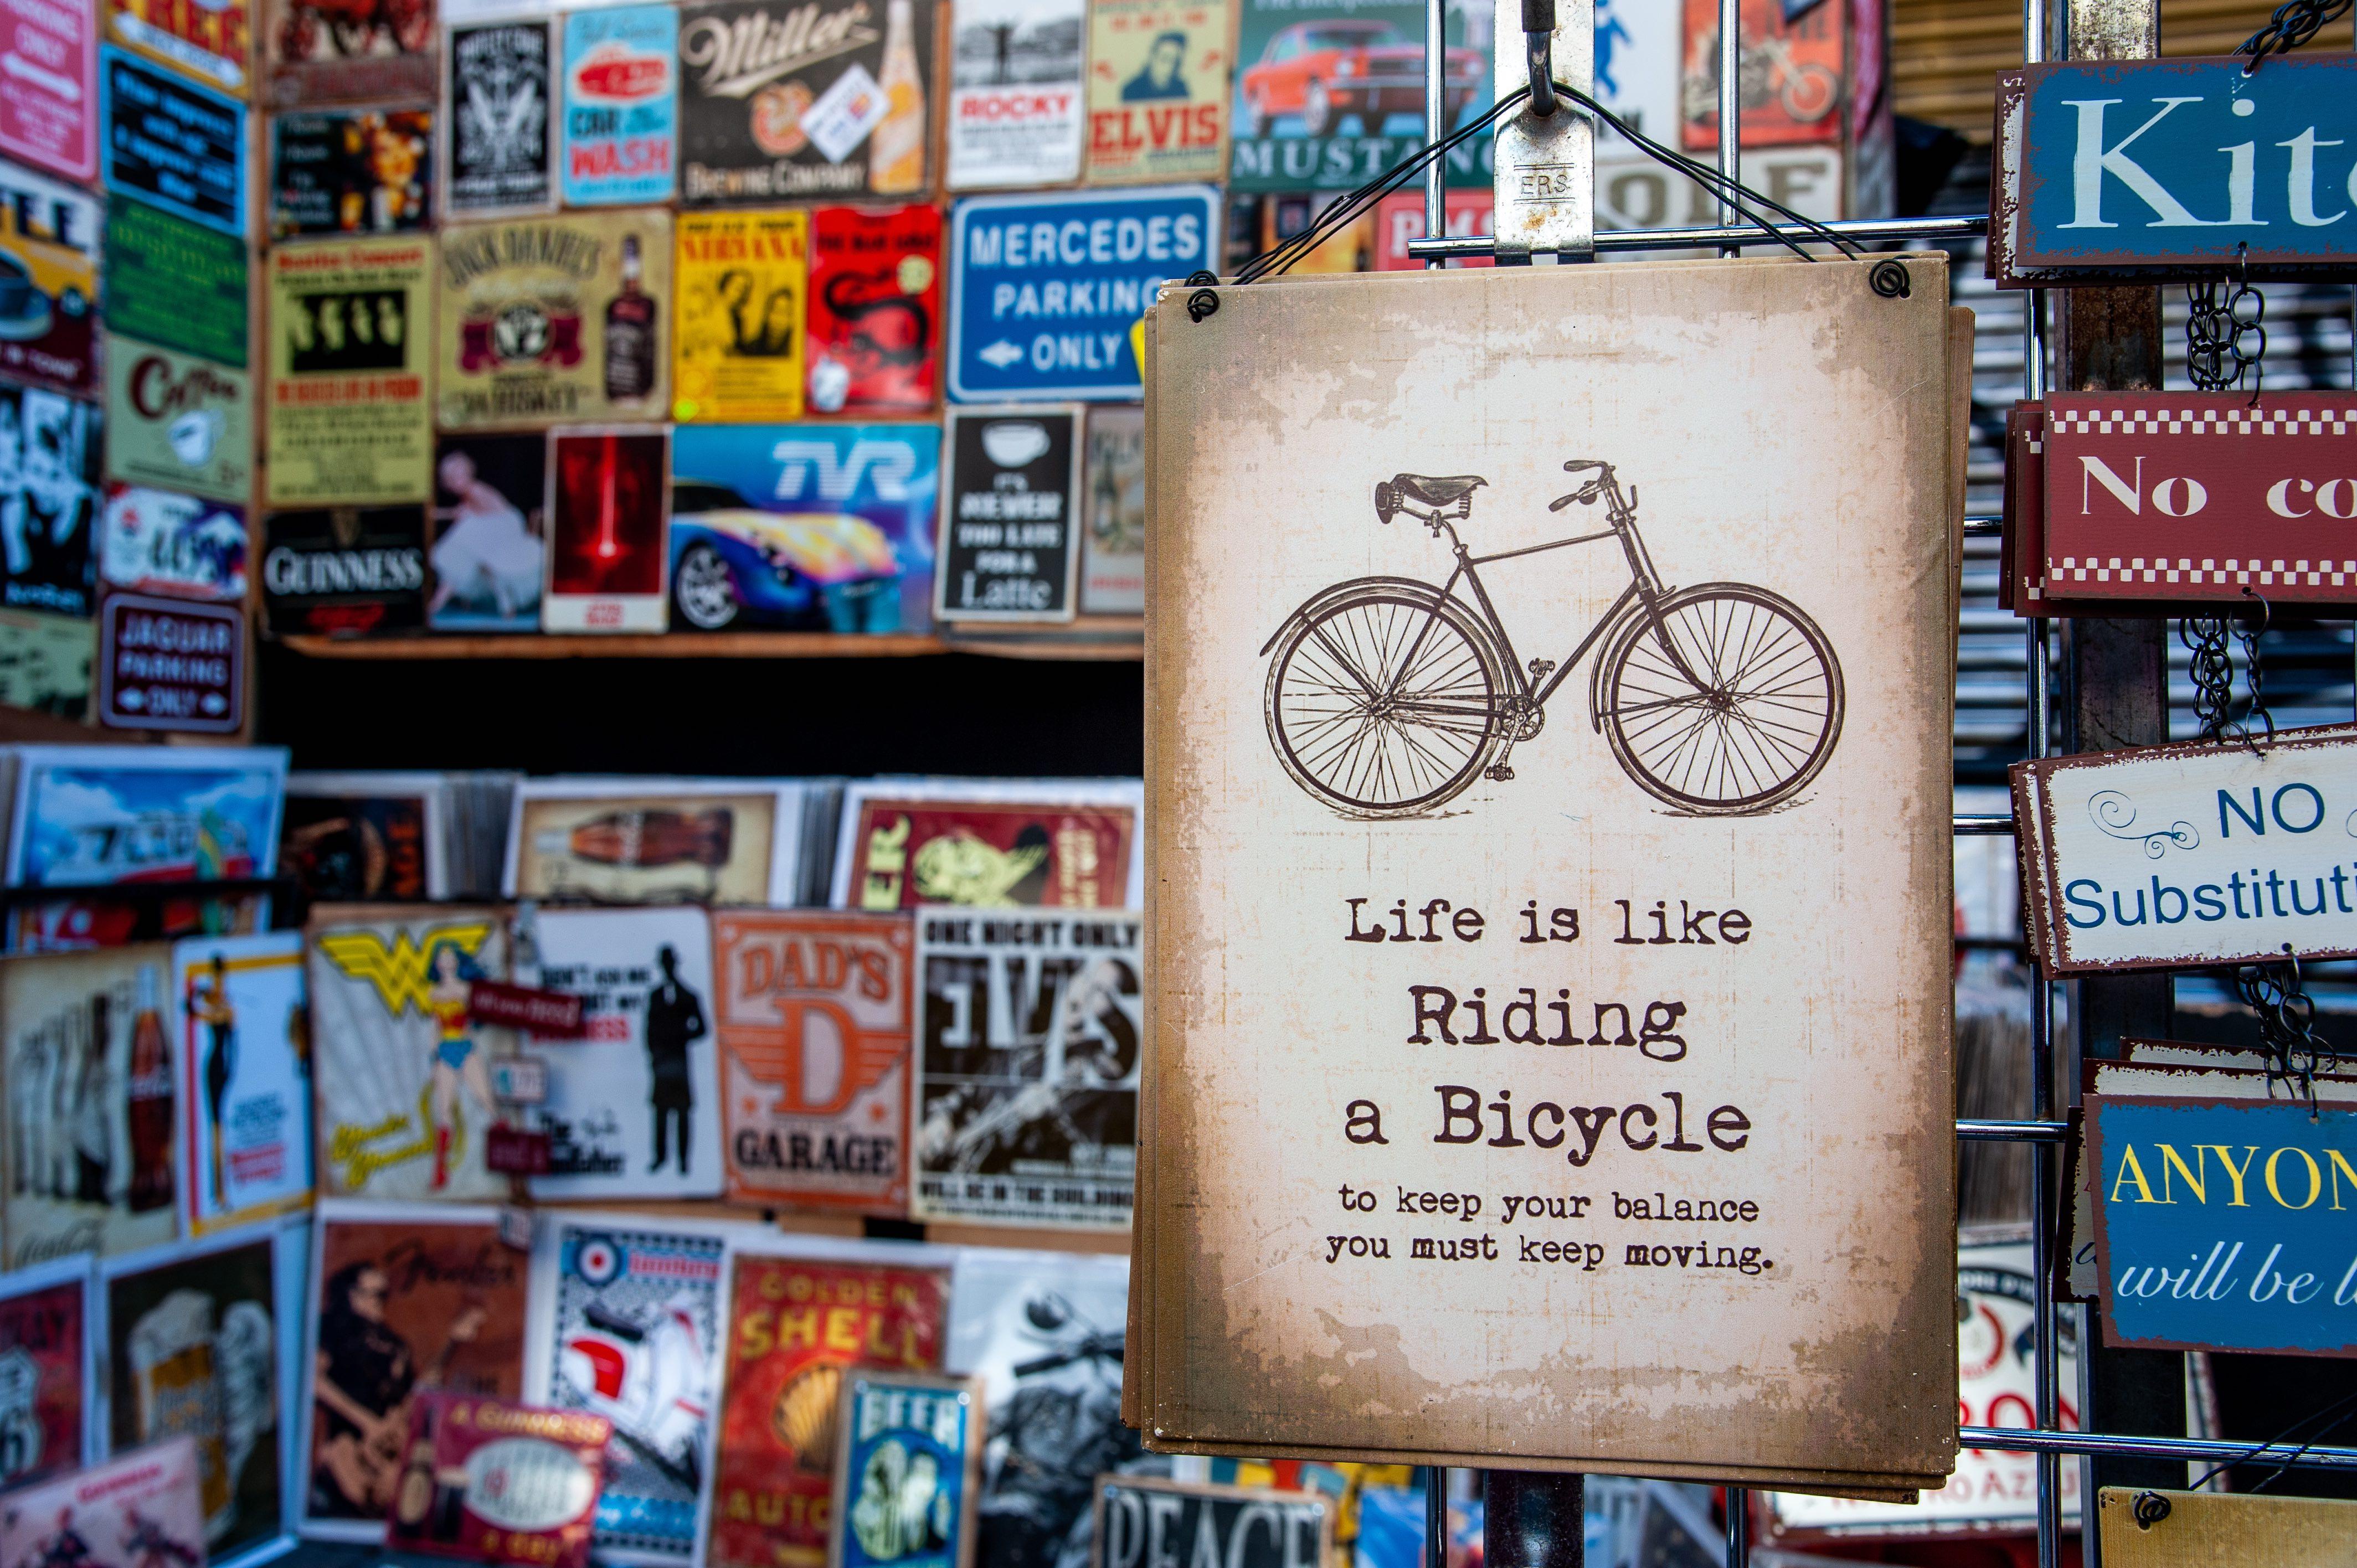 Paris - Londres à vélo par l'Avenue verte